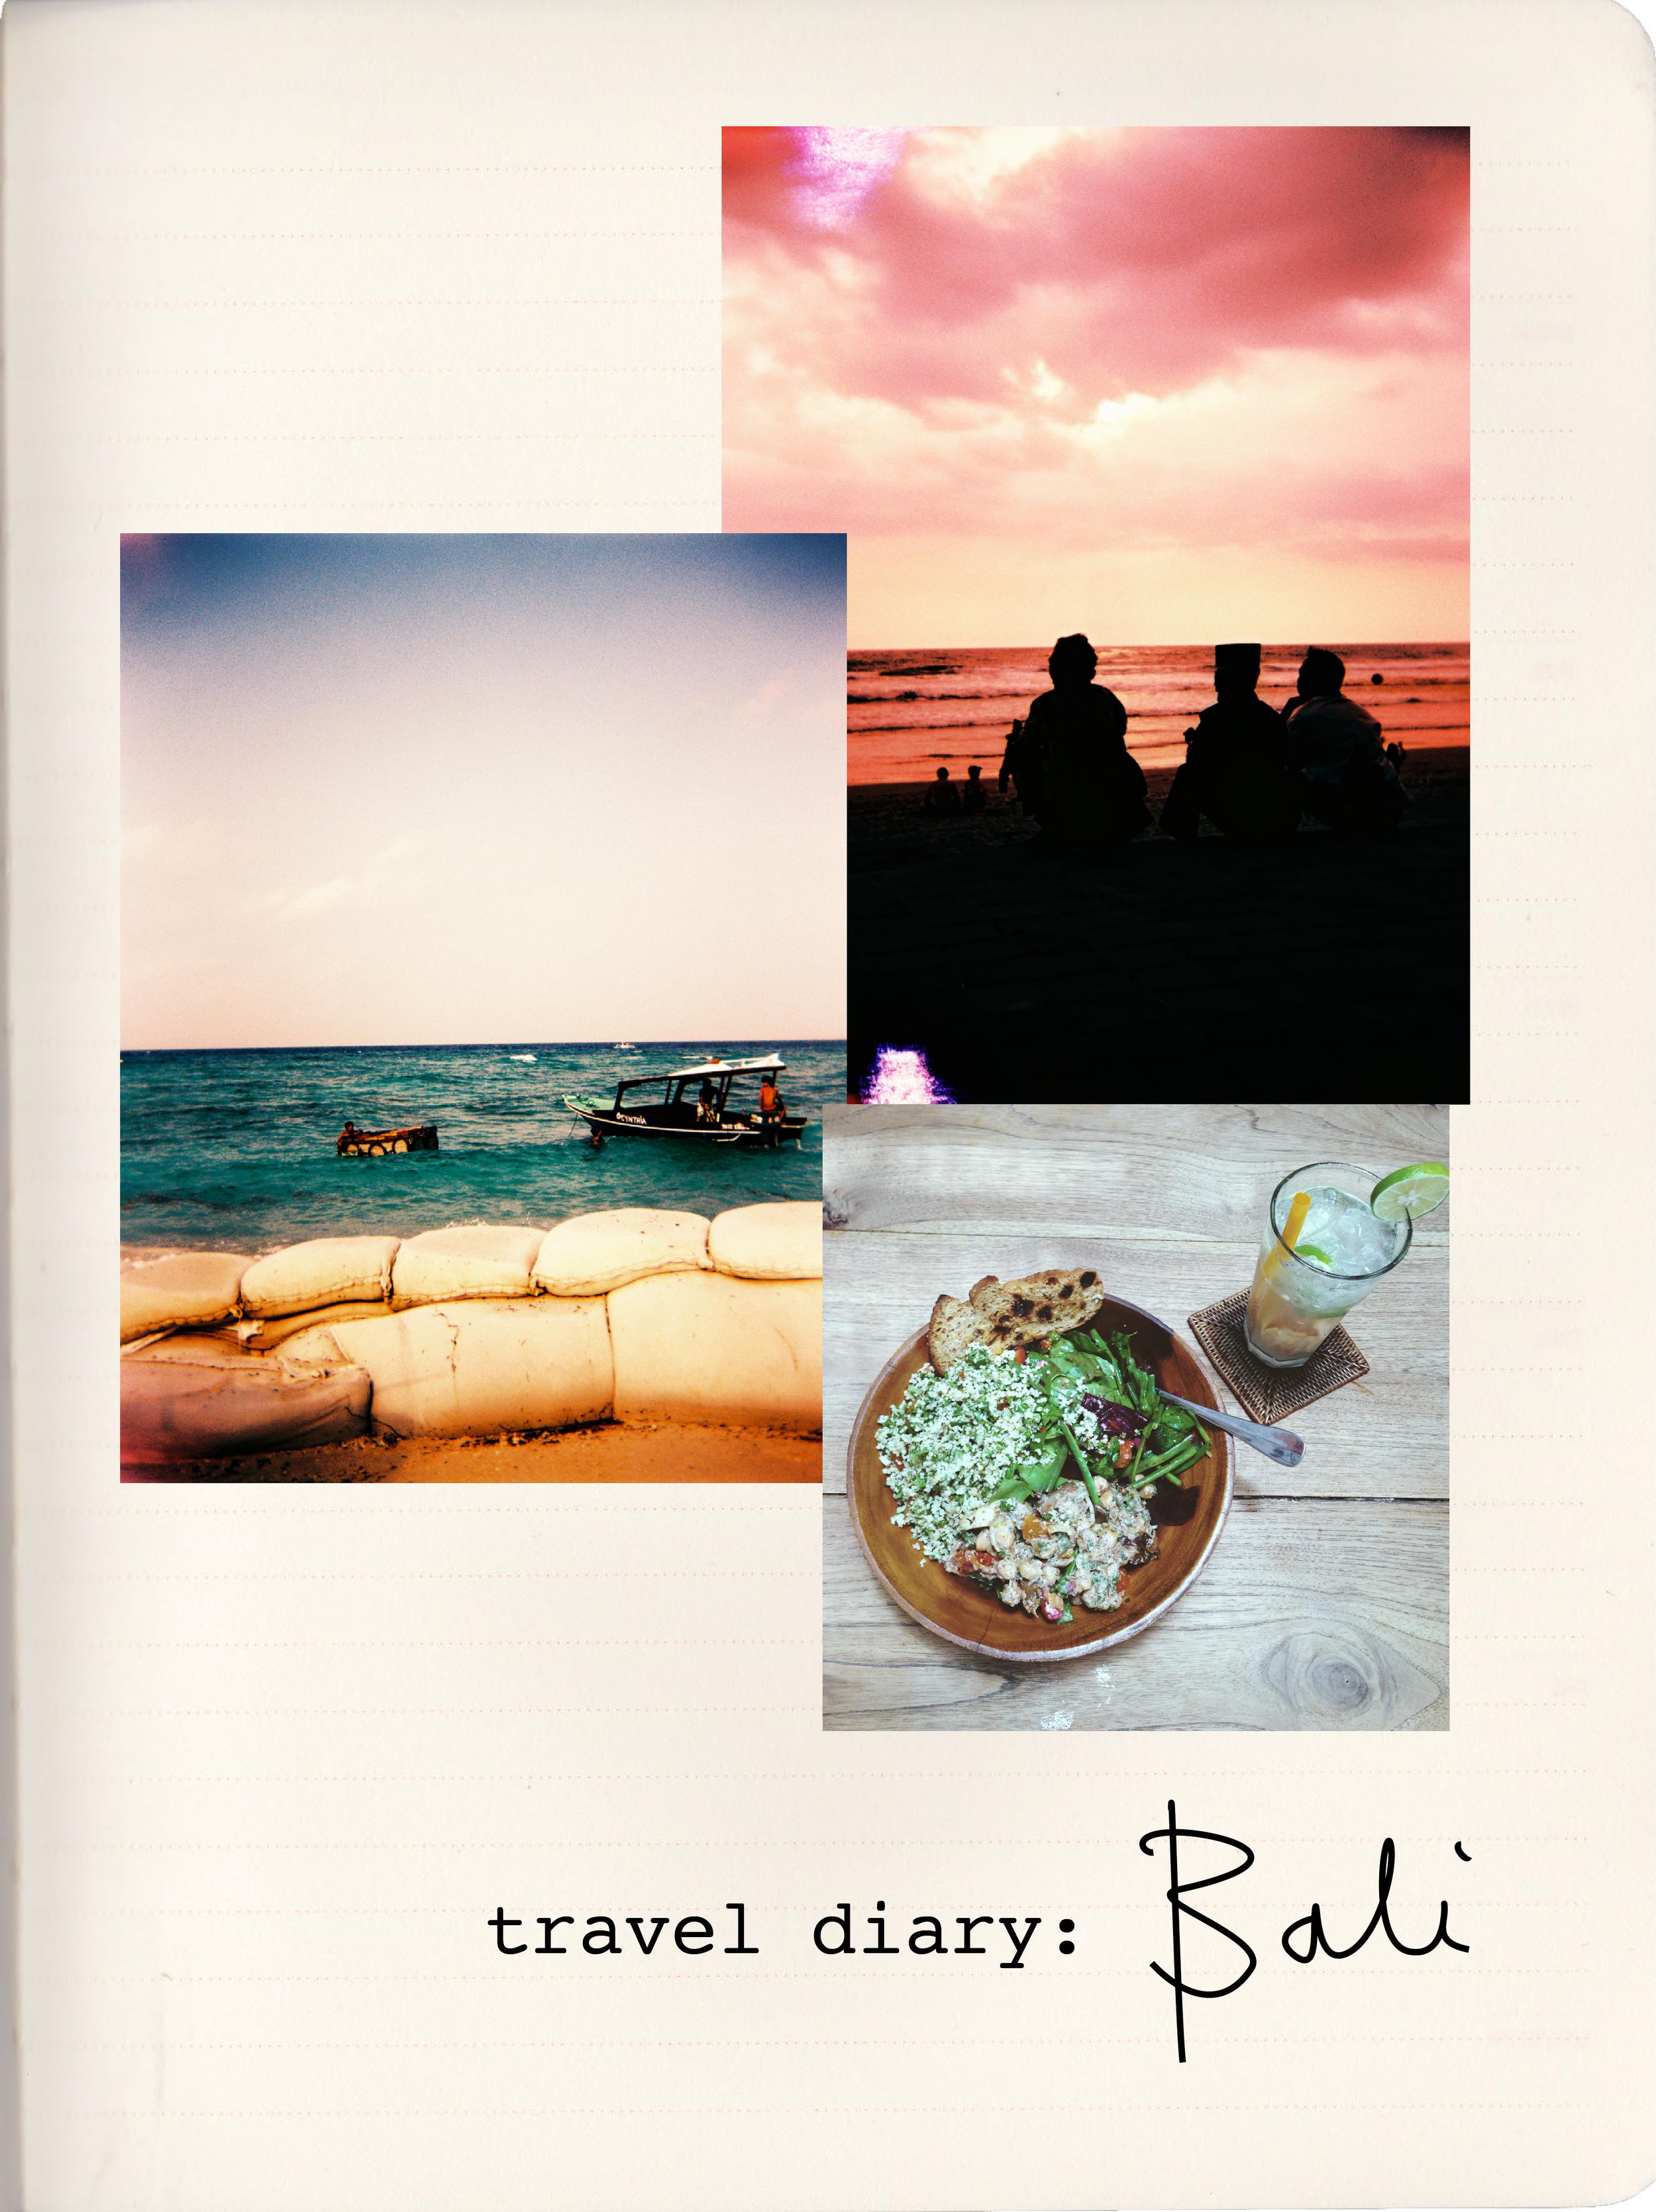 traveldiary2